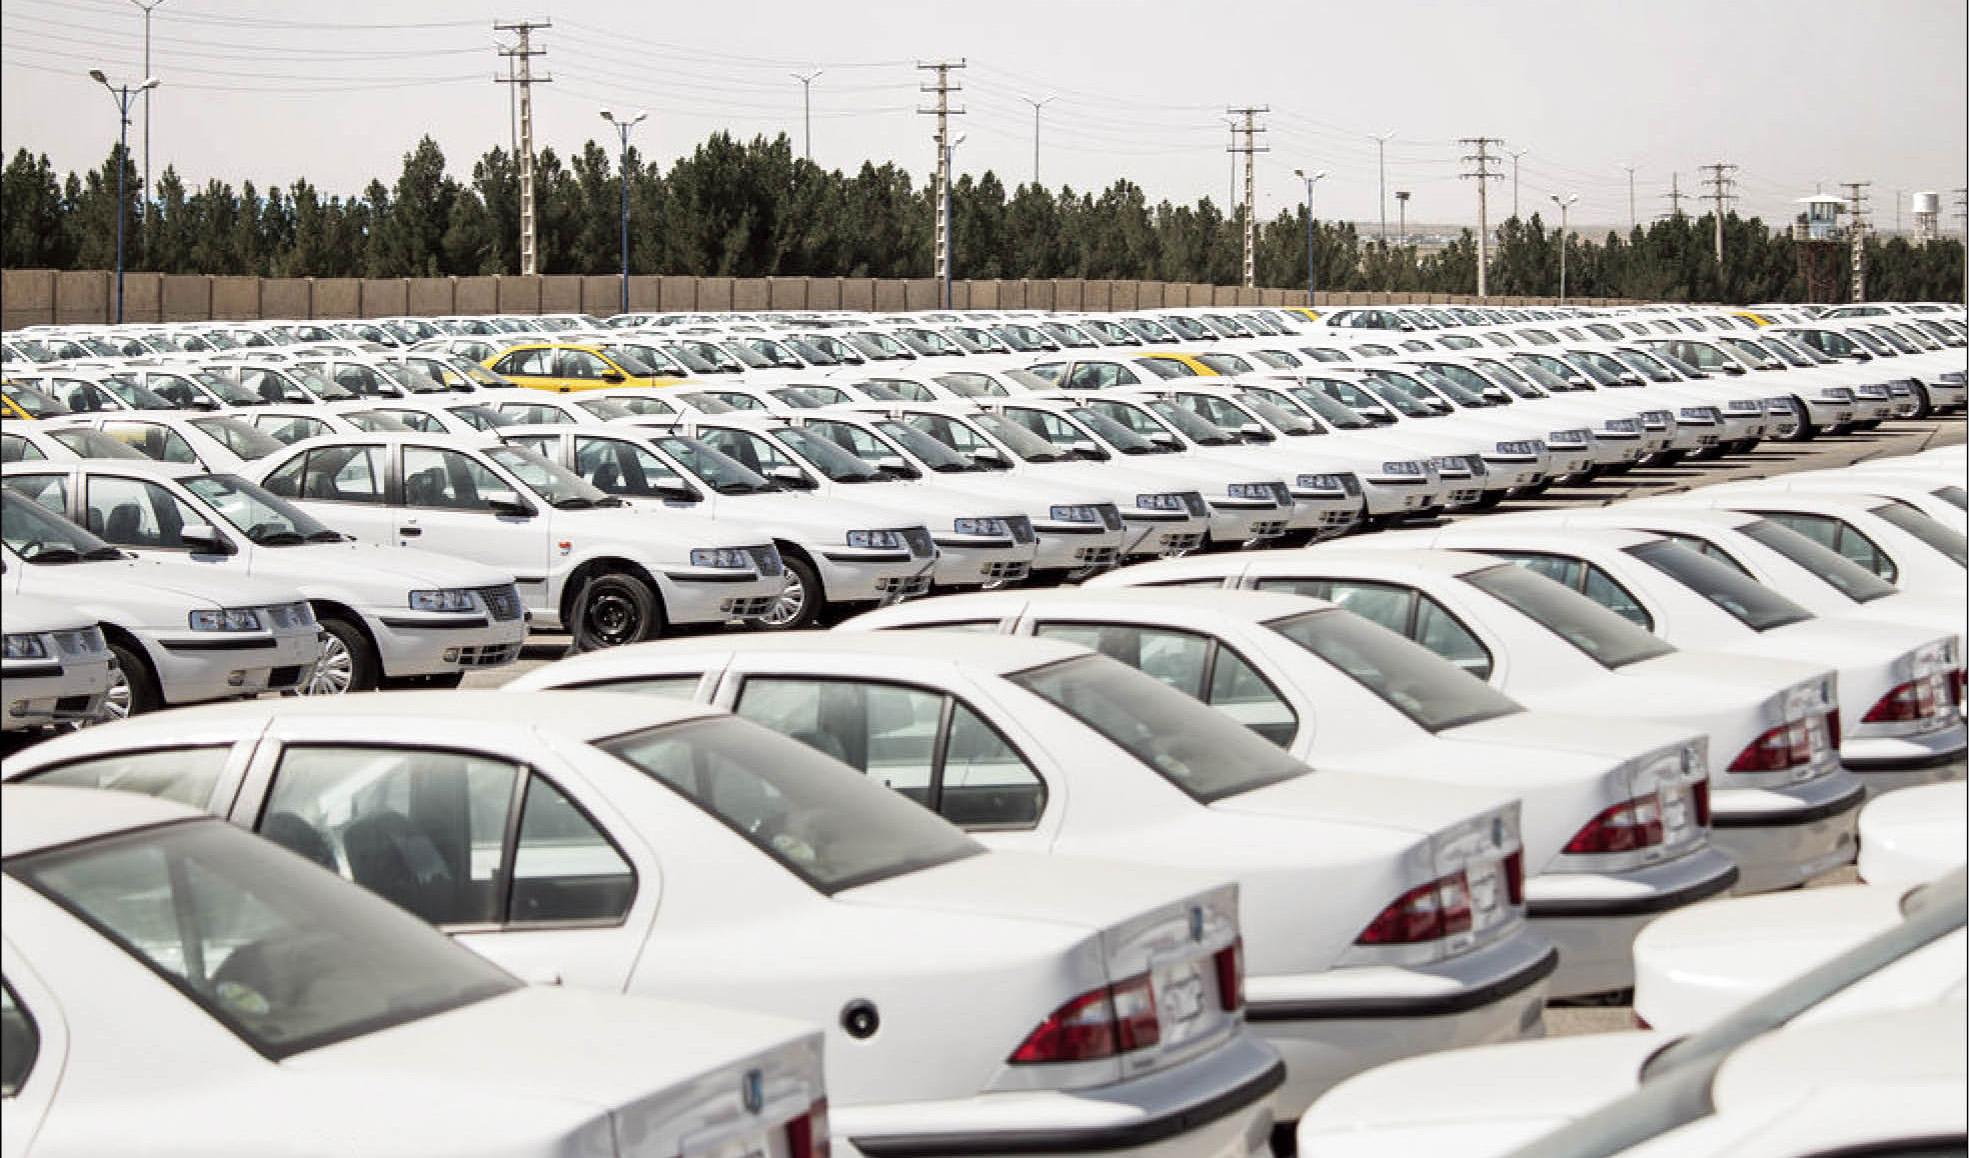 نائب رئیس اتحادیه نمایشگاه داران خودرو: قیمت خودرو تا پایان آذر اُفت چشمگیری خواهد داشت